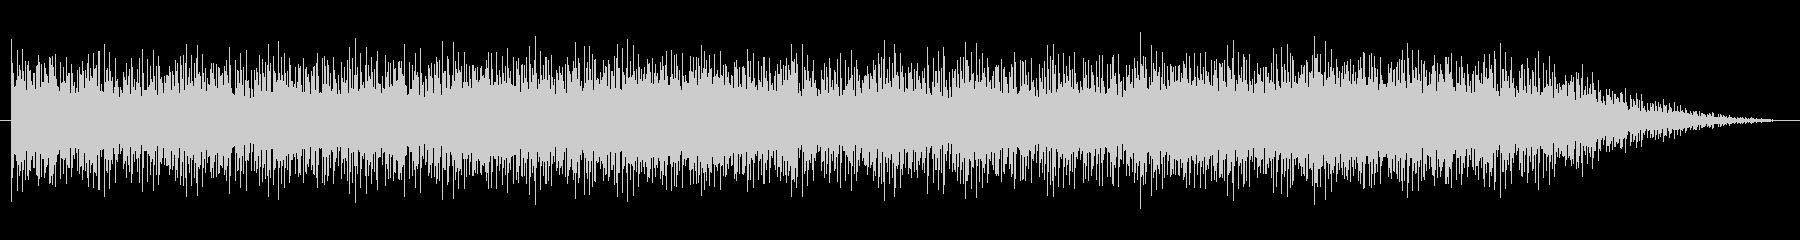 ショートBGM:シリアス・内生的01の未再生の波形